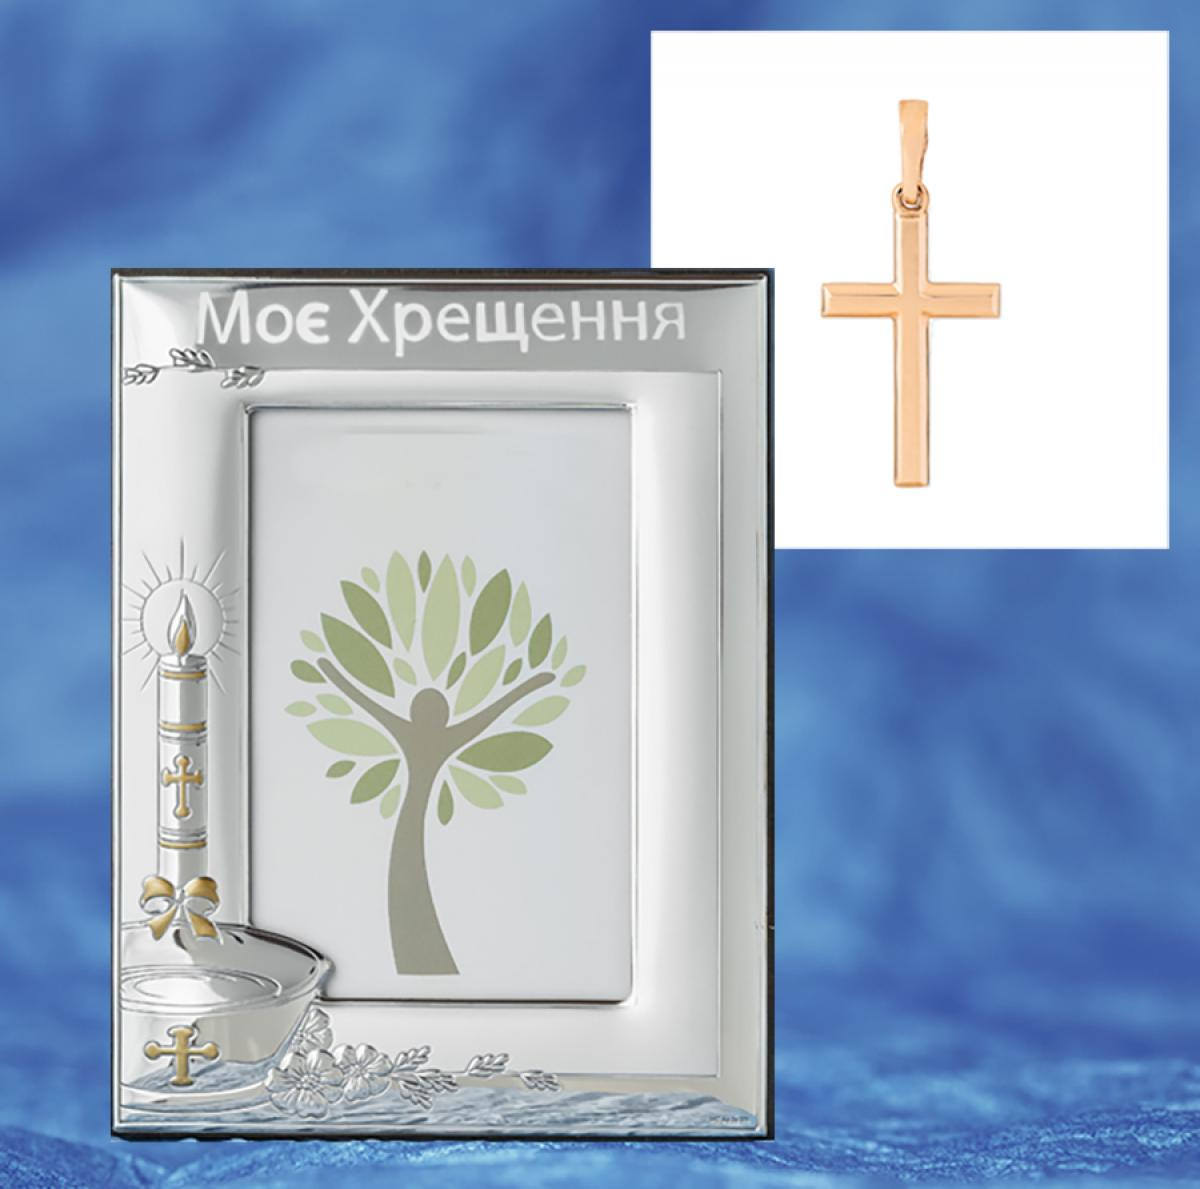 Подарунковий набір ``Золотий хрестик та срібна фоторамка``